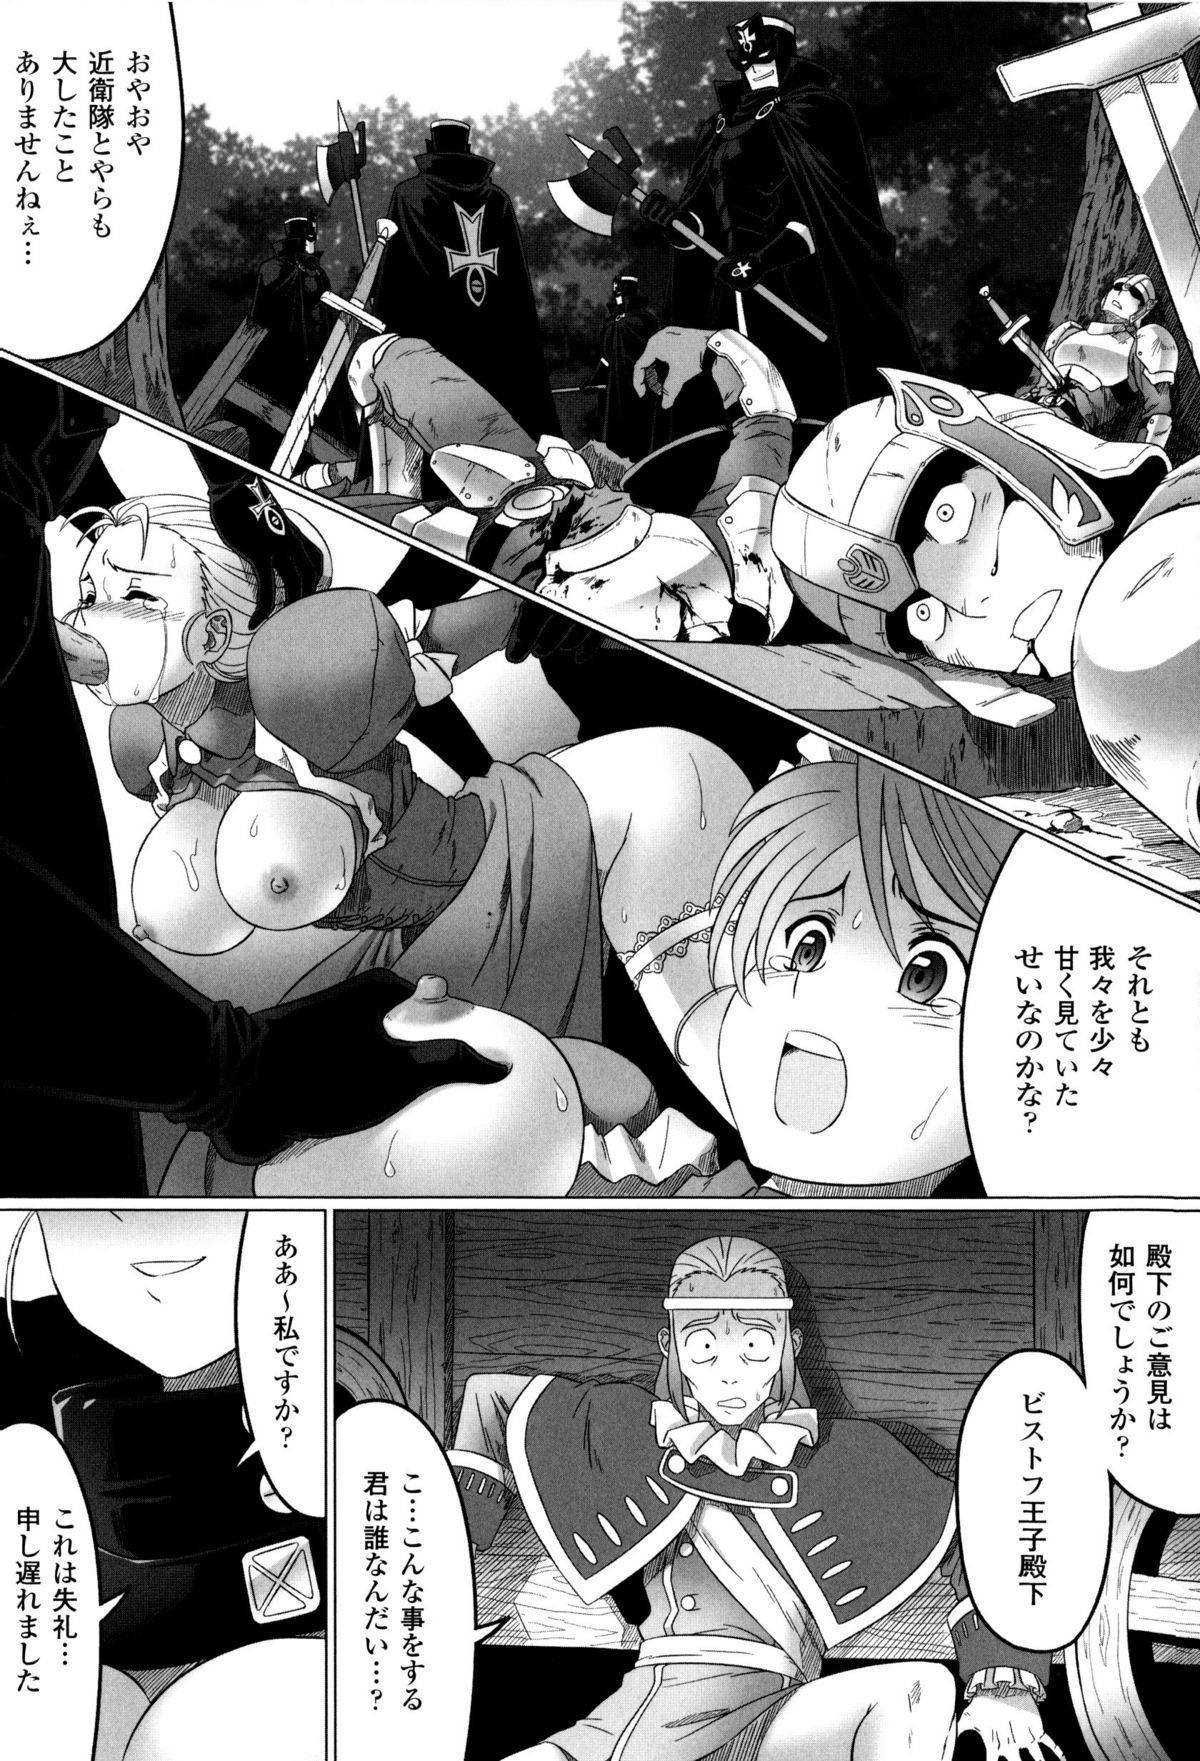 Toushin Engi Vol. 8 131